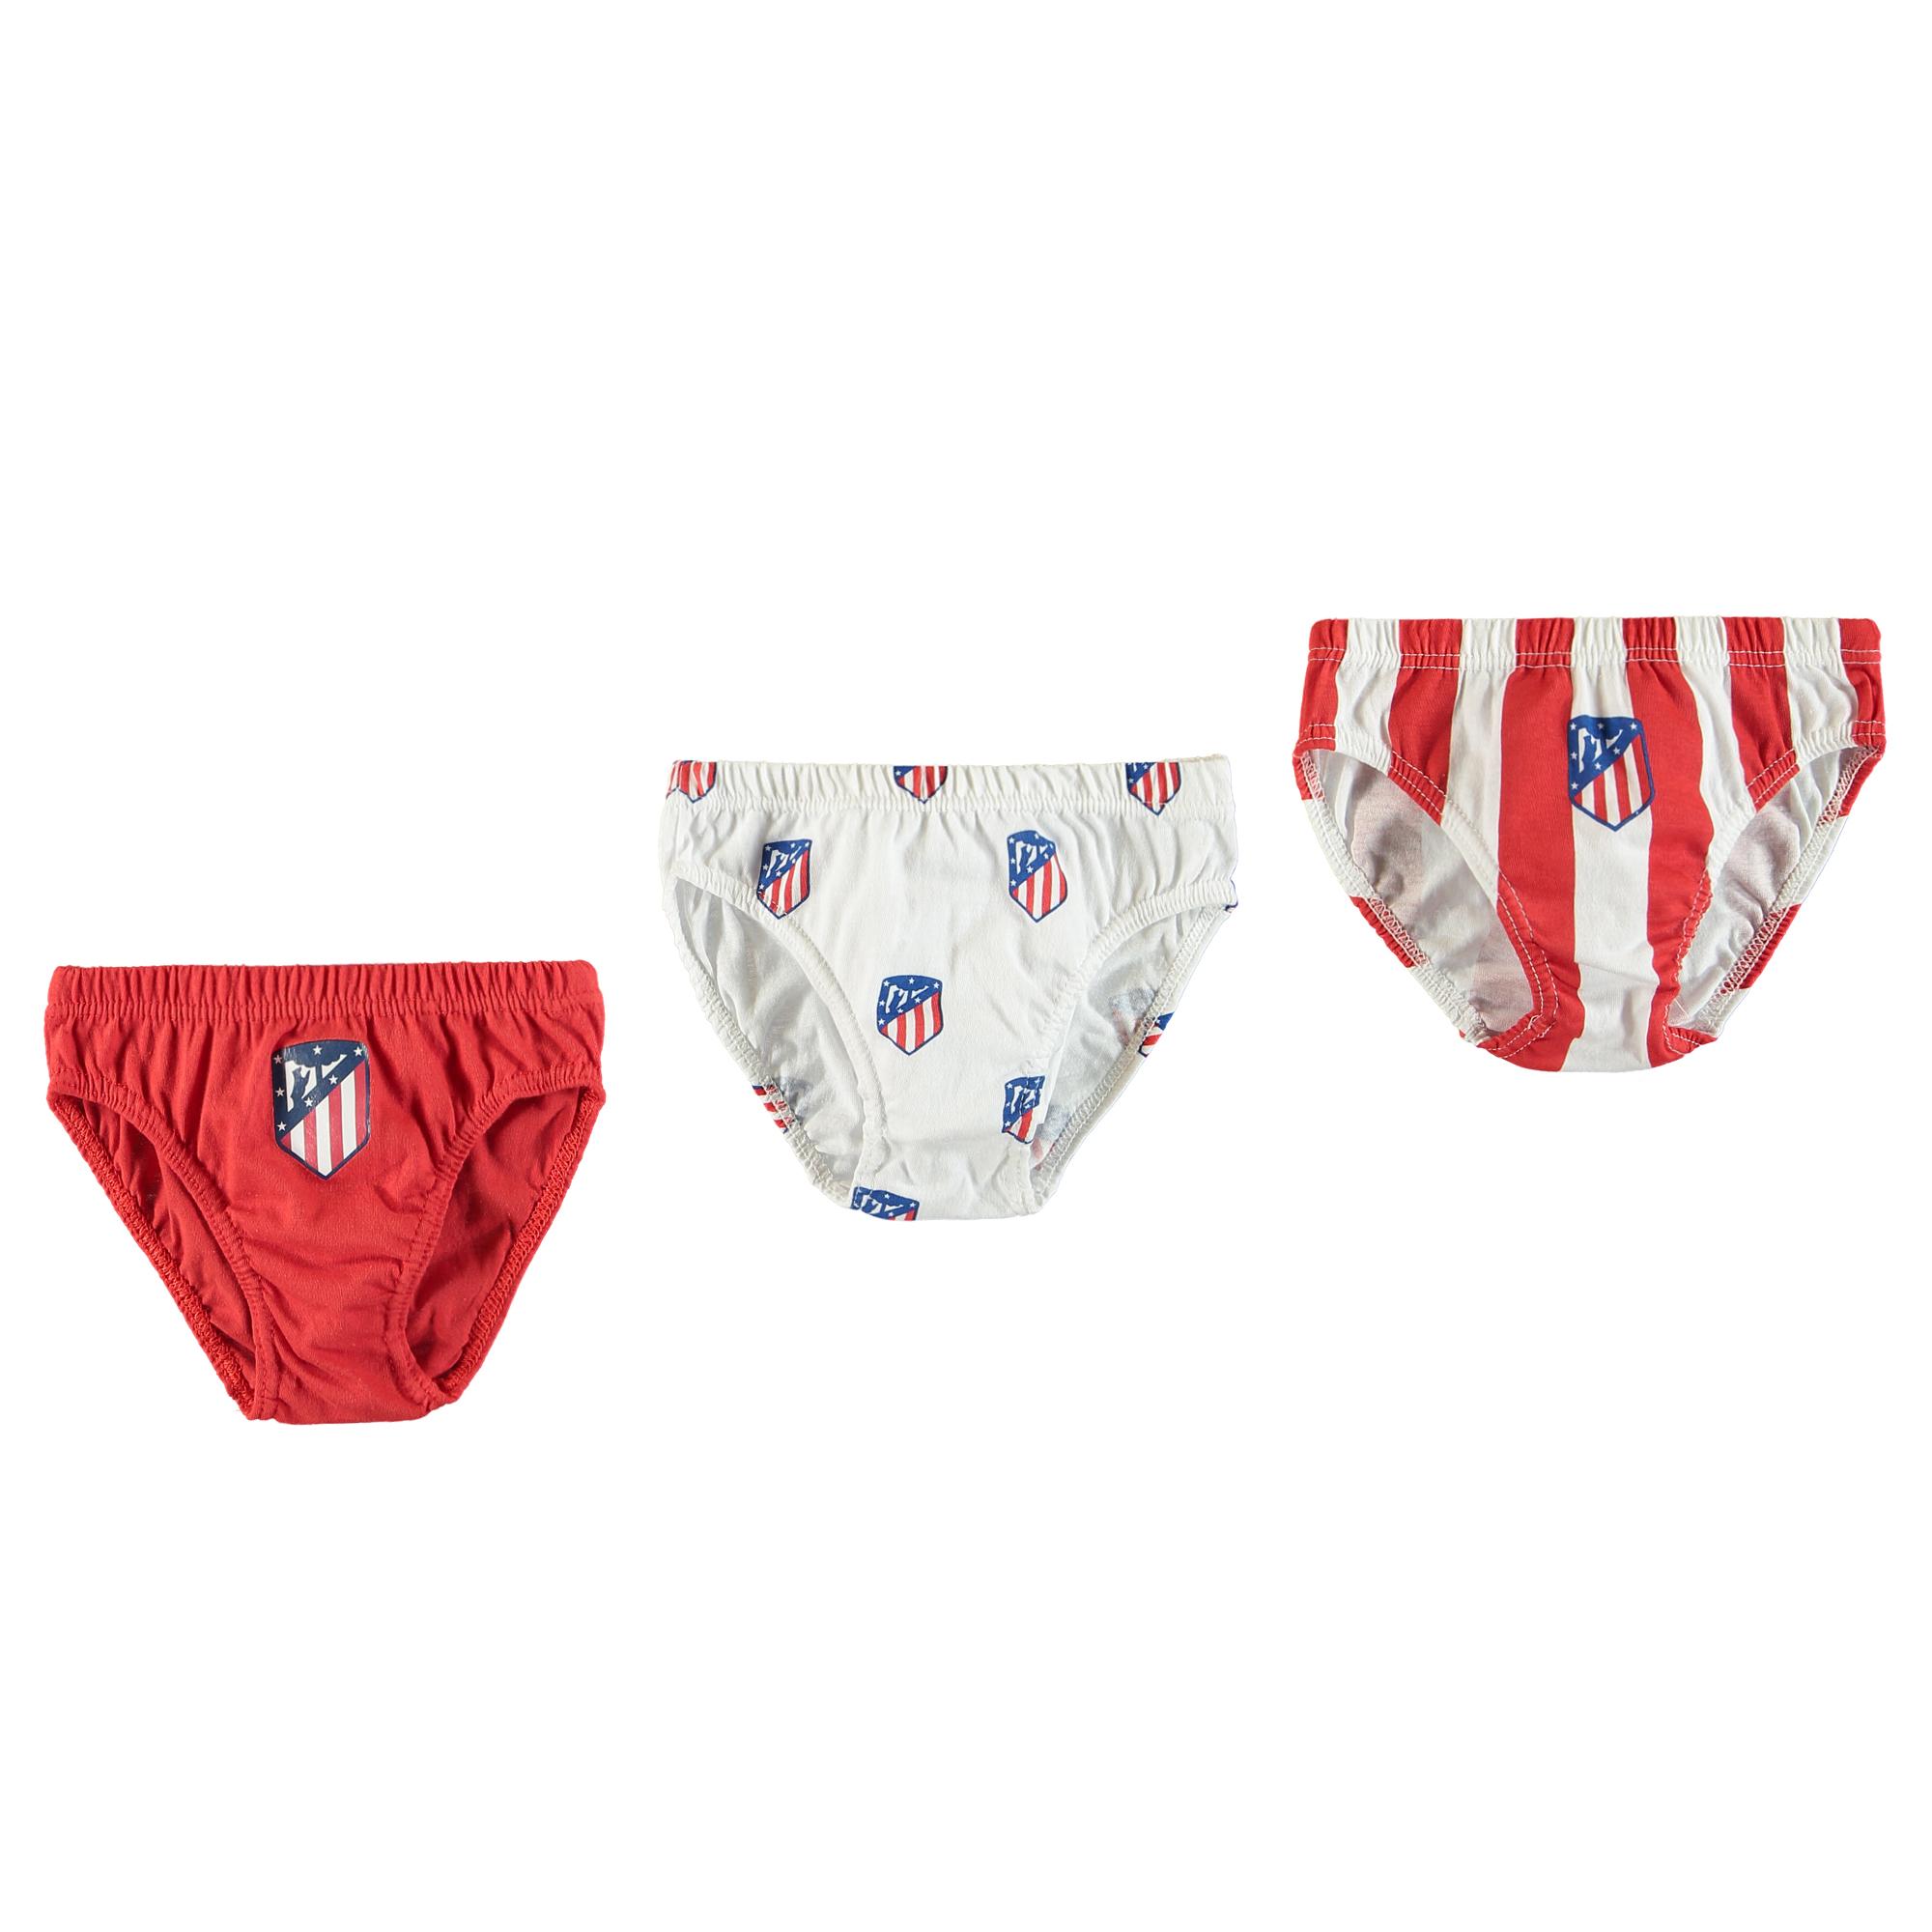 Slips de l'Atlético de Madrid - Rouge/Blanc - Enfant